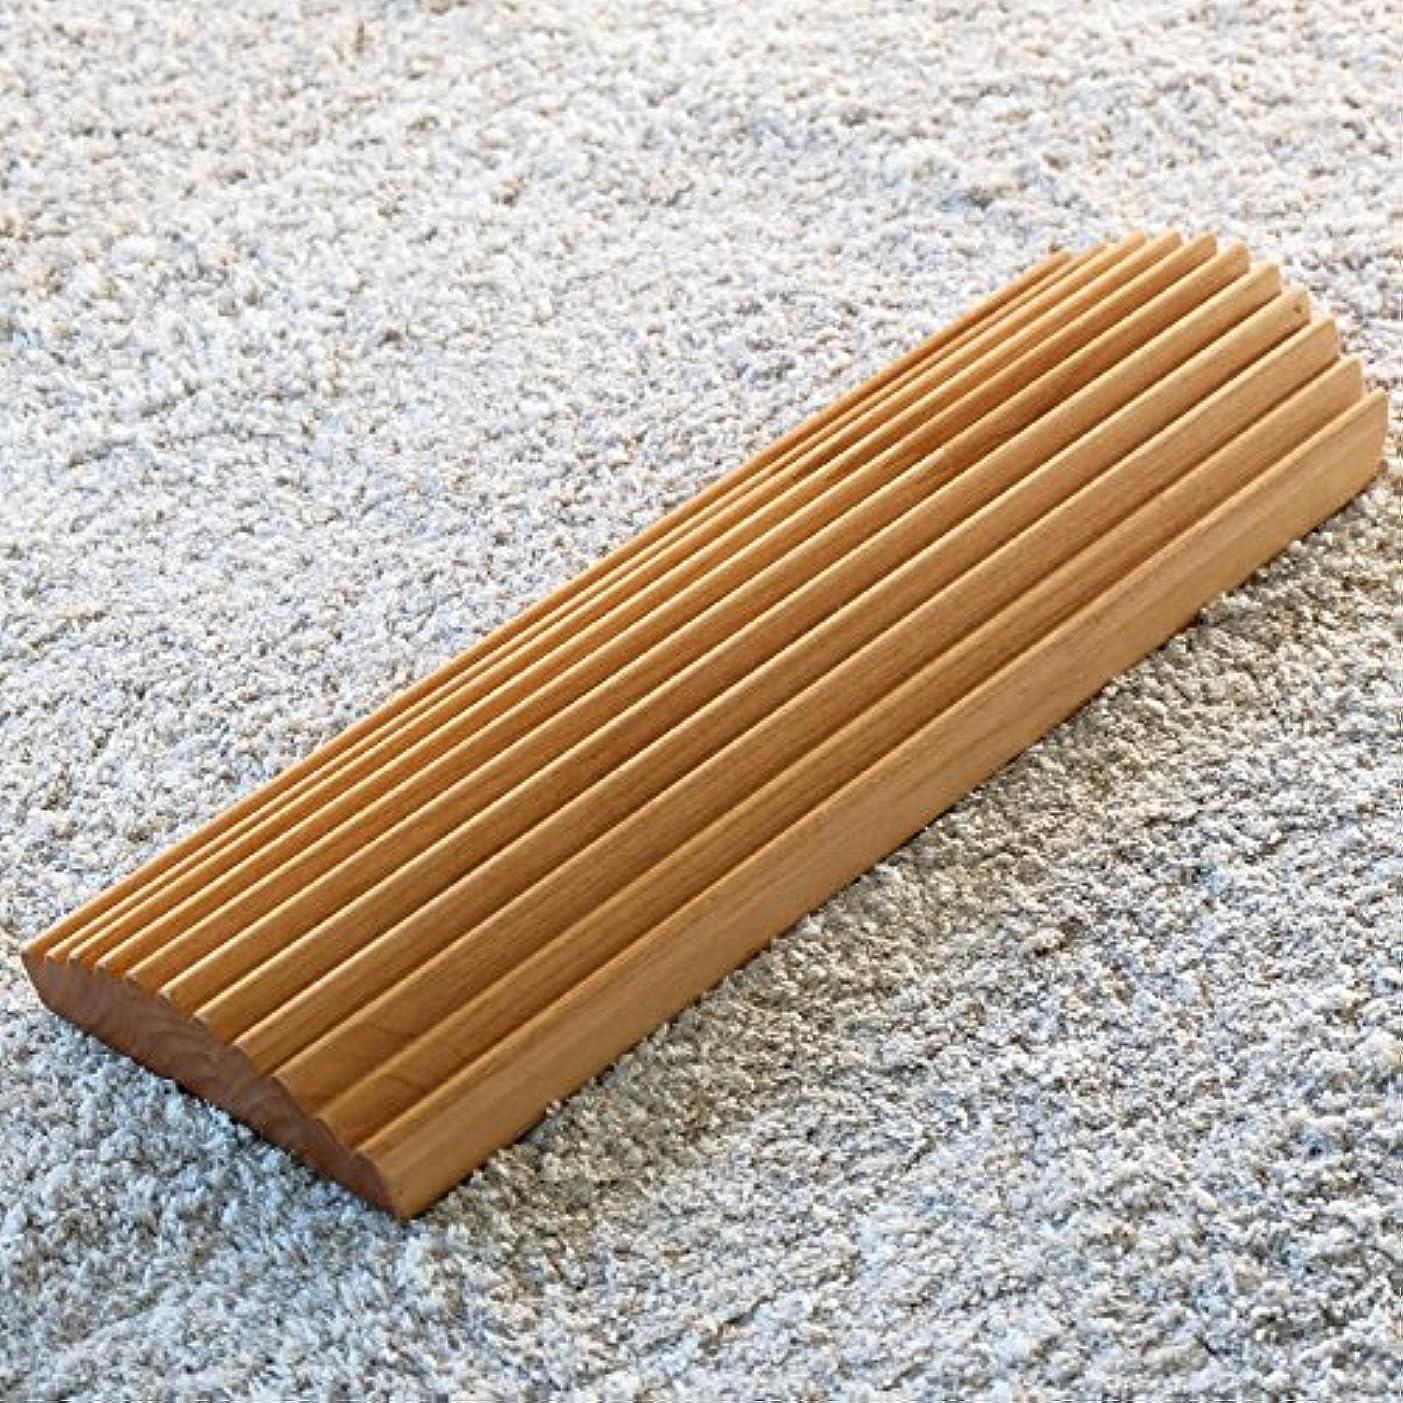 スチュアート島暗唱する未払いISSEIKI 足踏み アルダー材 幅40cm FIT ASIFUMI 40 (NA) フットケア 木製 おしゃれ プレゼント 指圧代用 FIT ASIFUMI 40 (AL-NA)